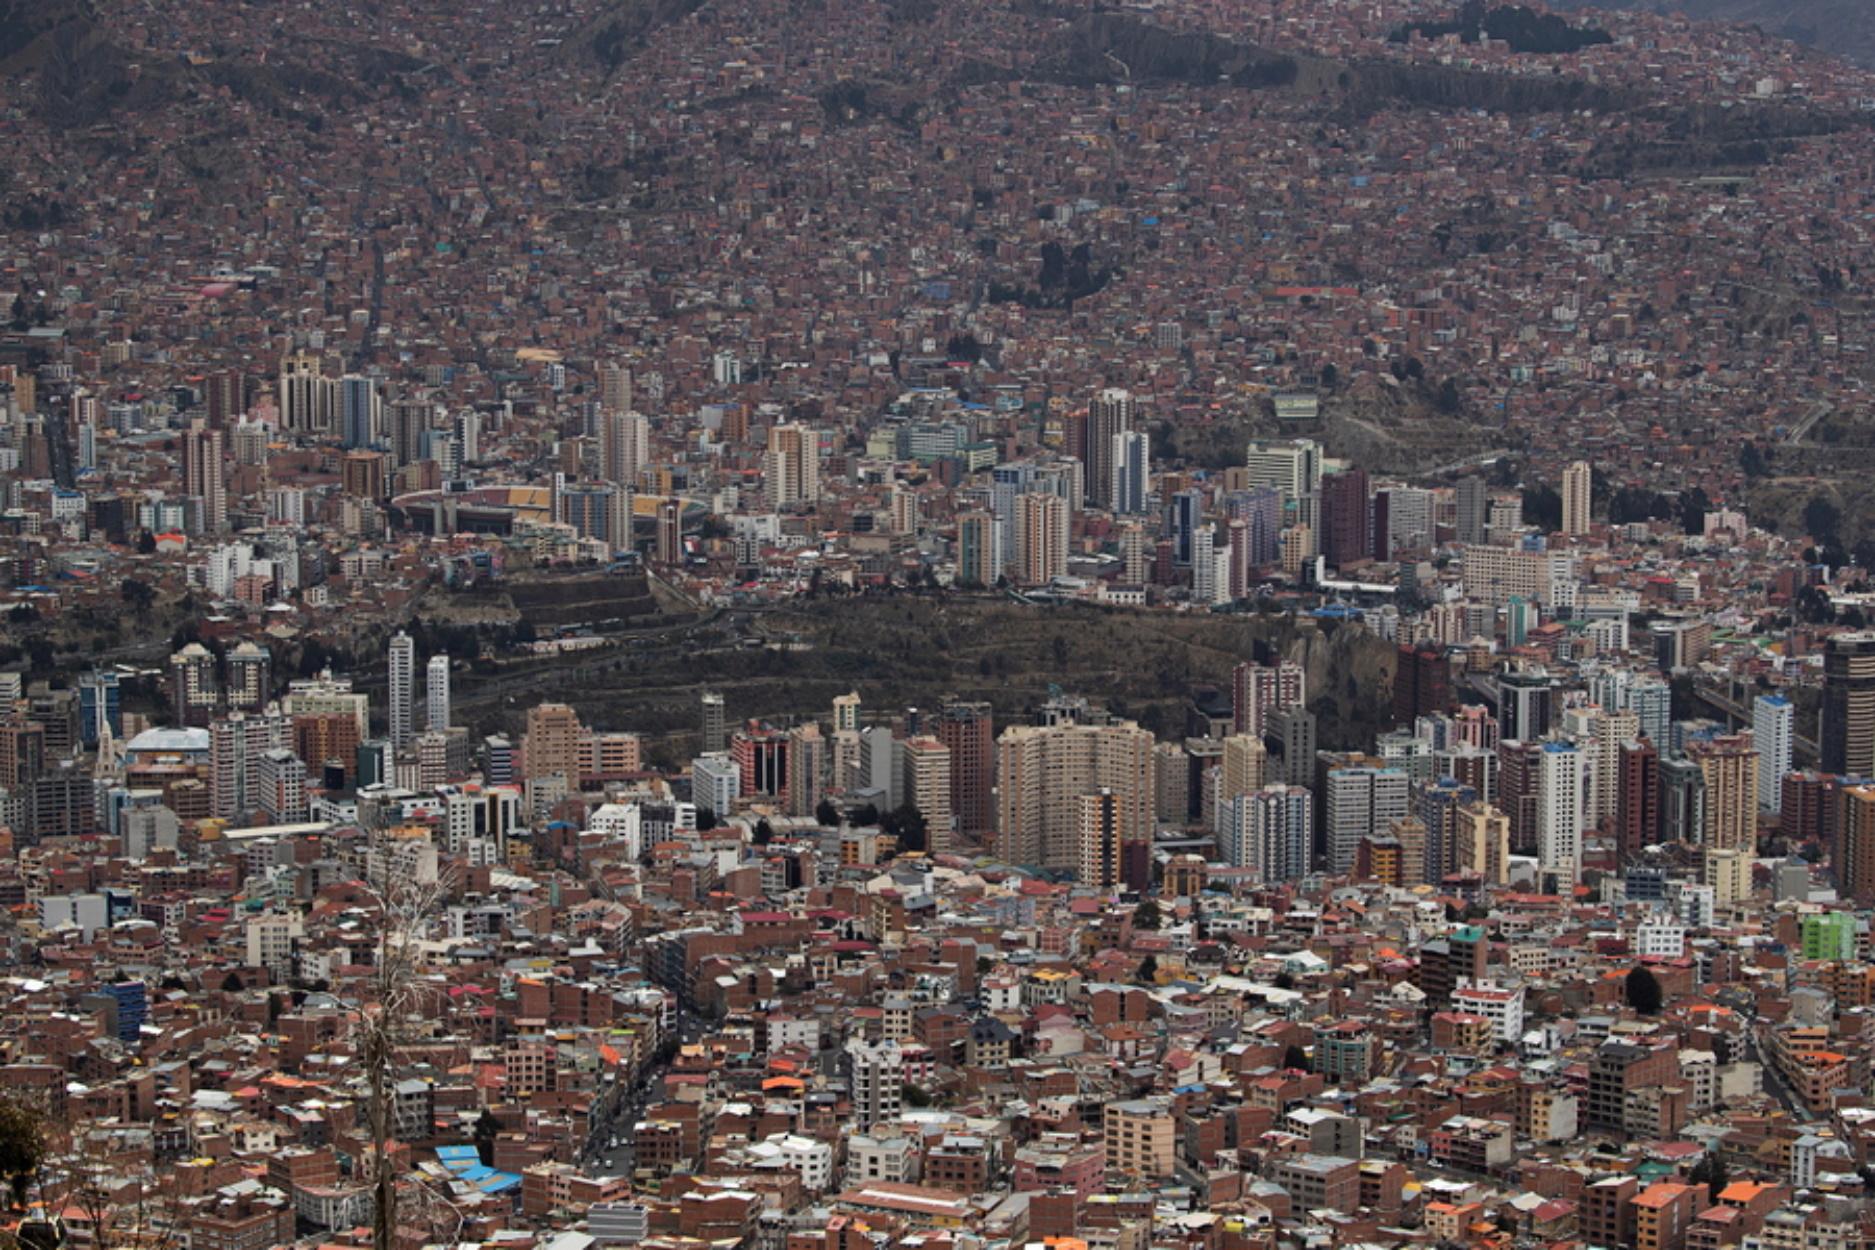 Πόλεις στον ουρανό: Οι 15 πρωτεύουσες με το μεγαλύτερο υψόμετρο στον κόσμο